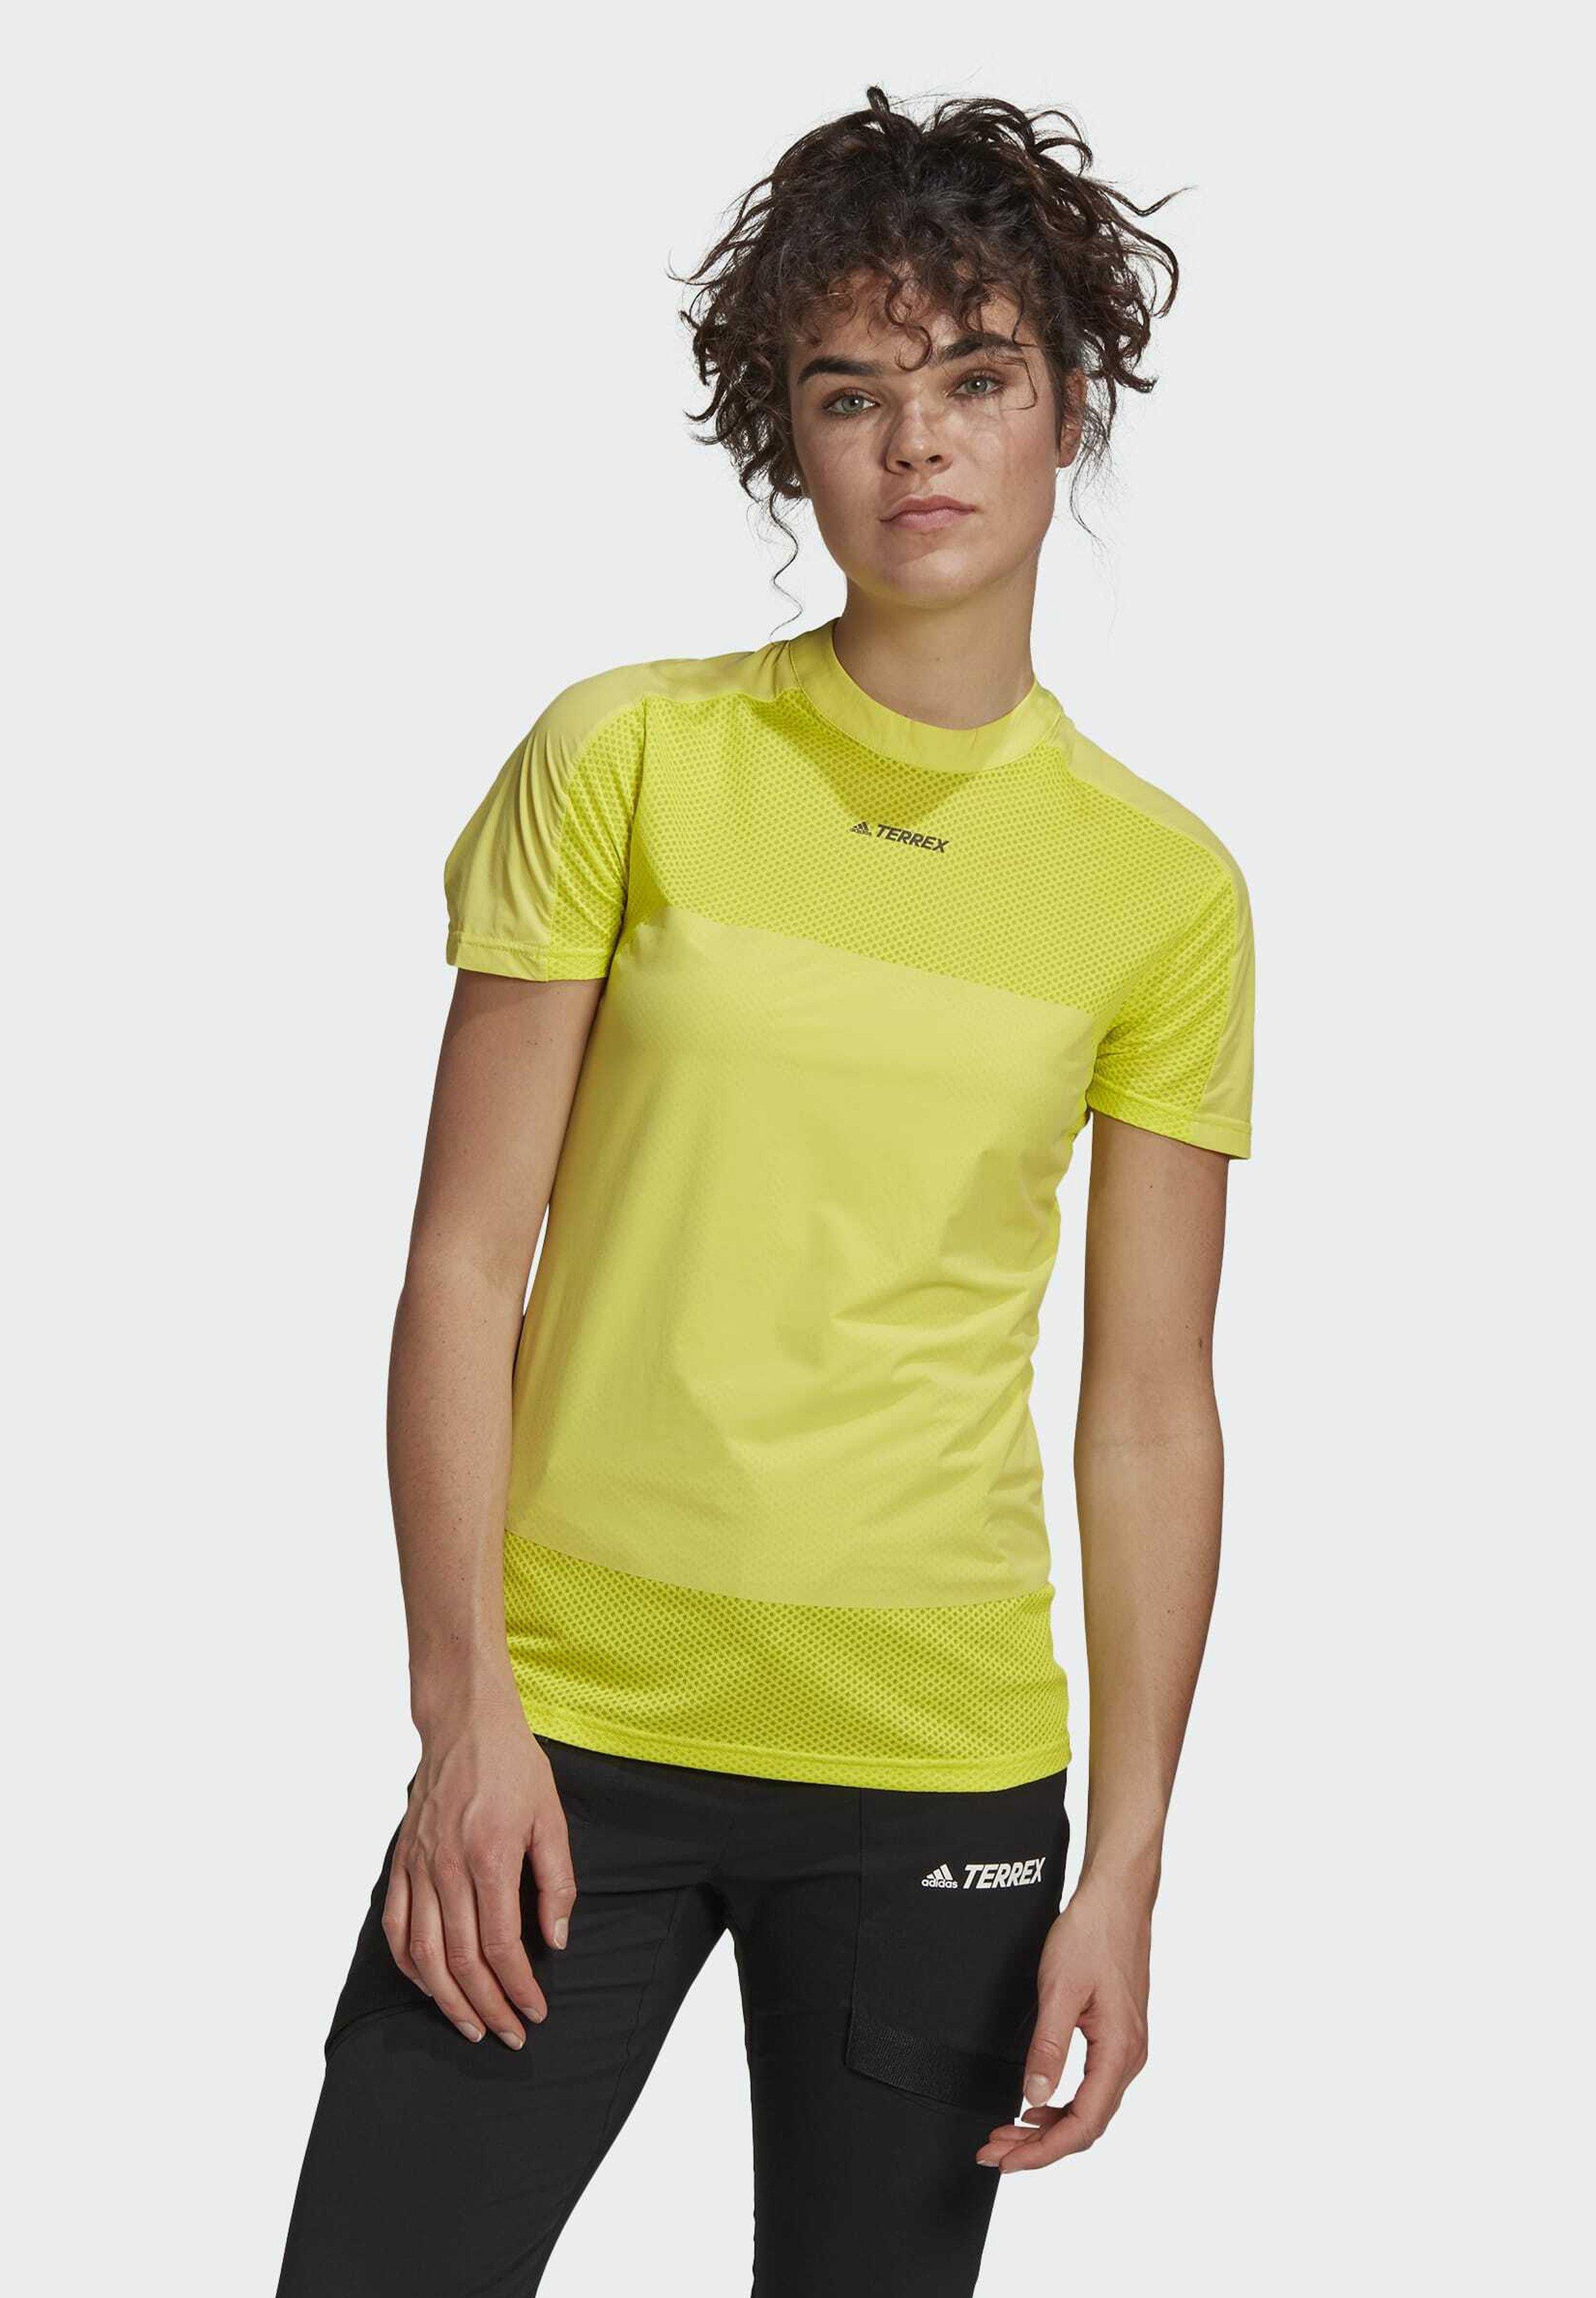 Femme TERREX ZUPAHIKE T-SHIRT - T-shirt imprimé